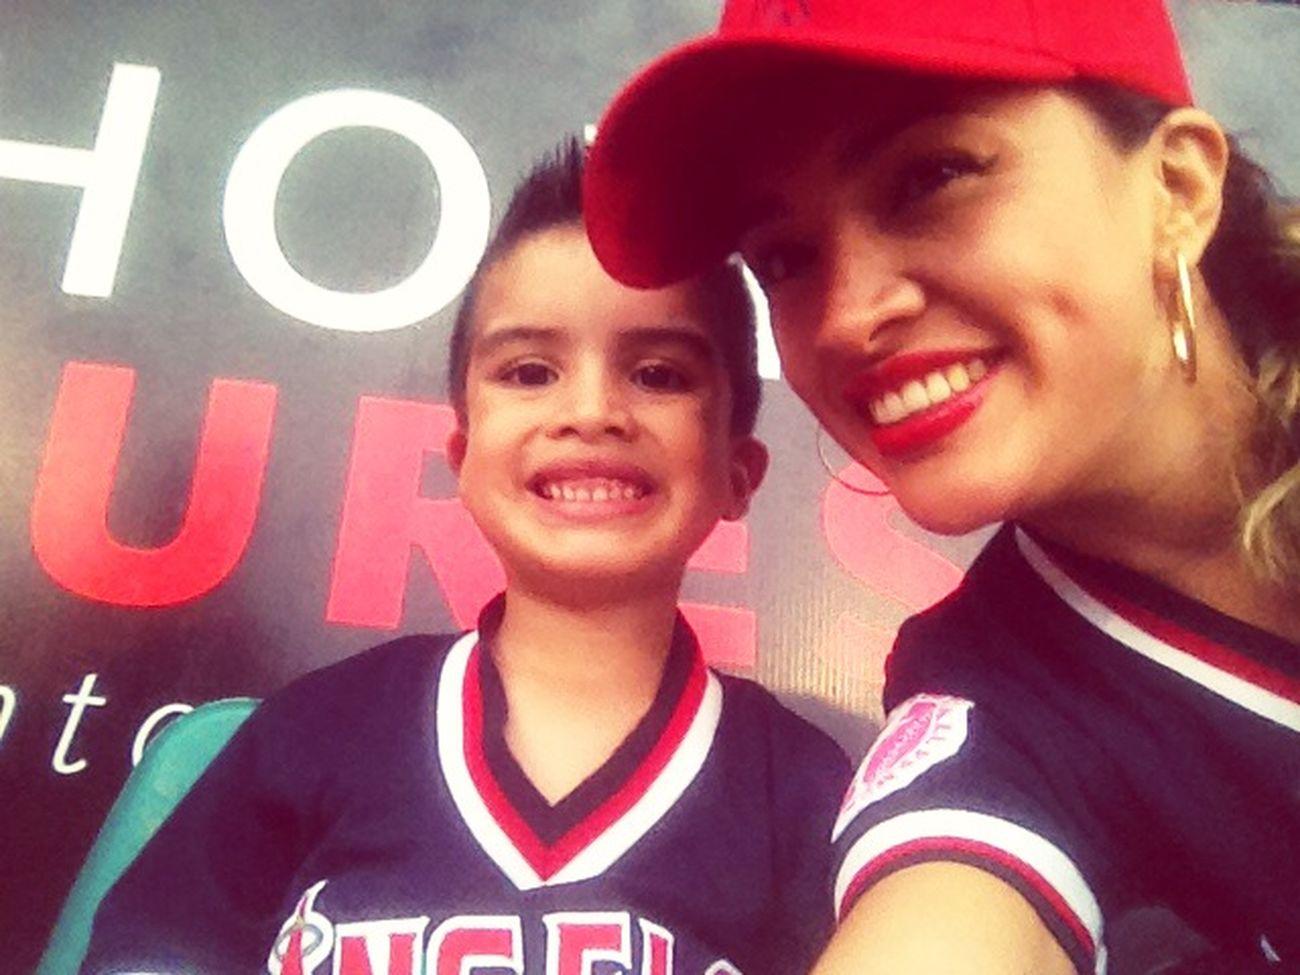 Awwwww!!!! Con mi beisbolistaaaaaa favorito!!!!! ❤️❤️❤️❤️❤️